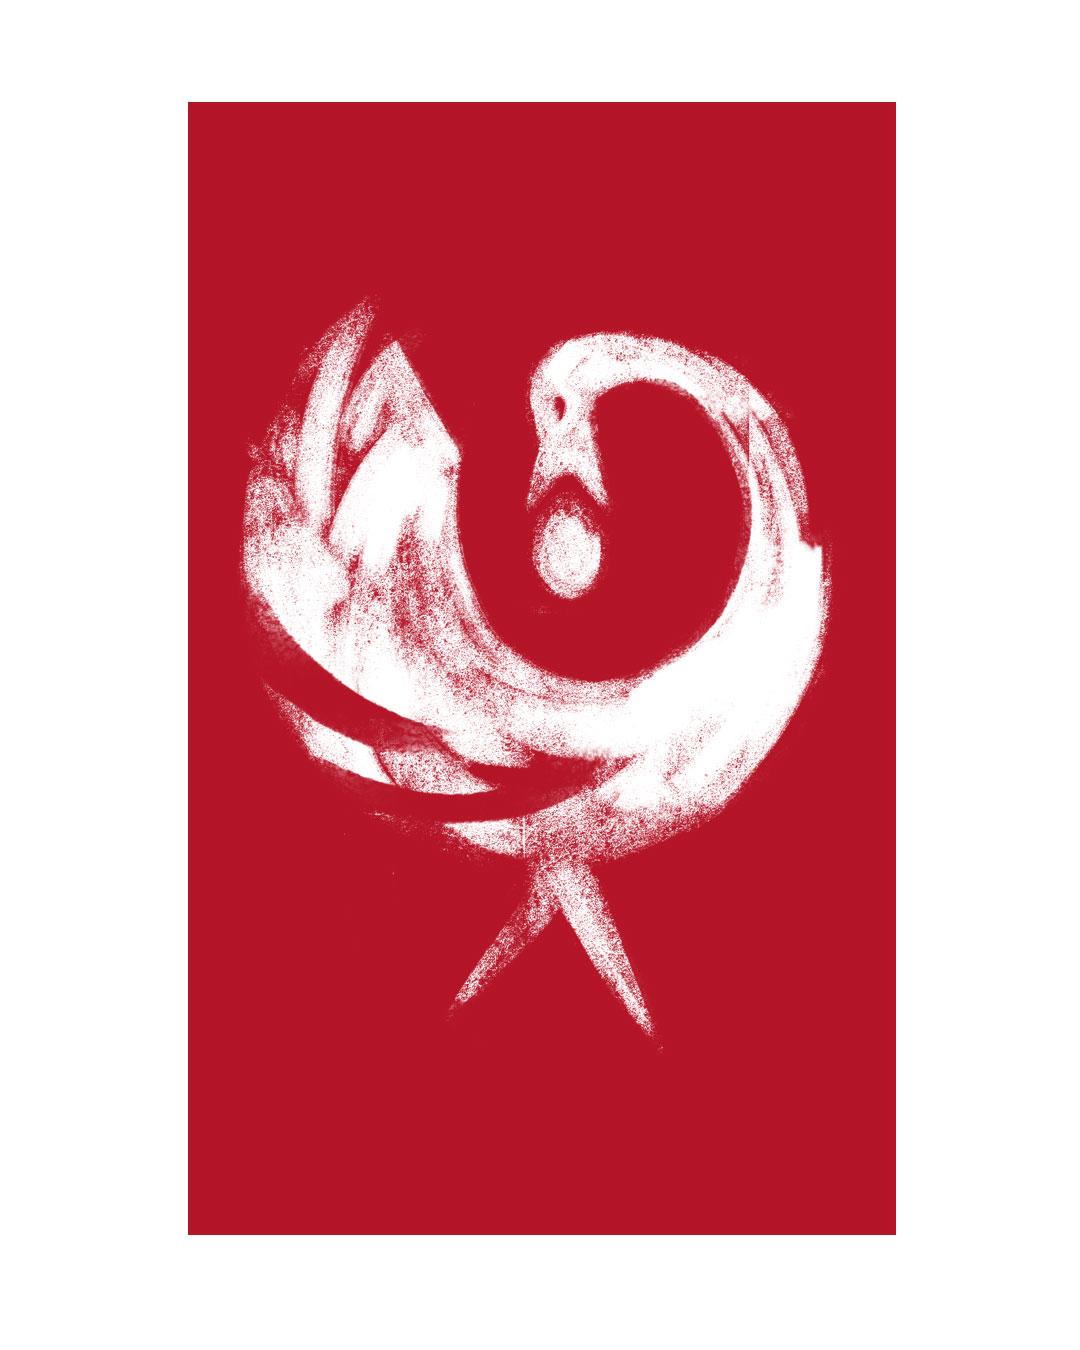 Sankofa_Sigil_Red_Full_Thumb.jpg